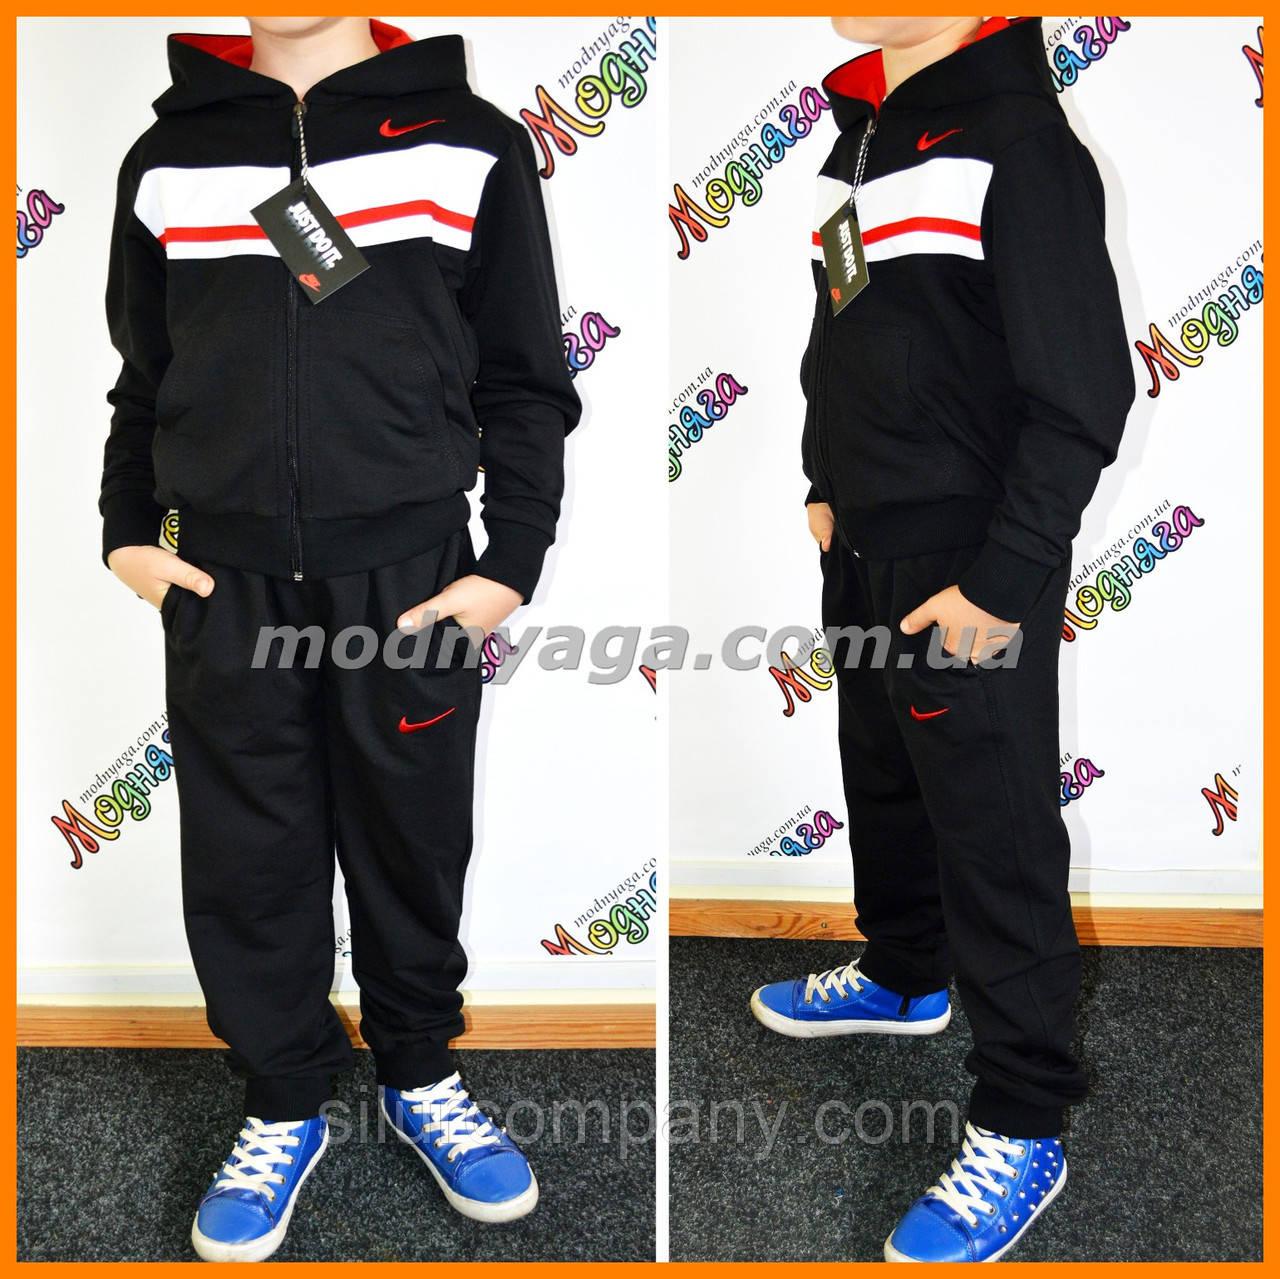 da68669f Детский спортивный костюм украина   костюм для мальчика Nike - Интернет  магазин